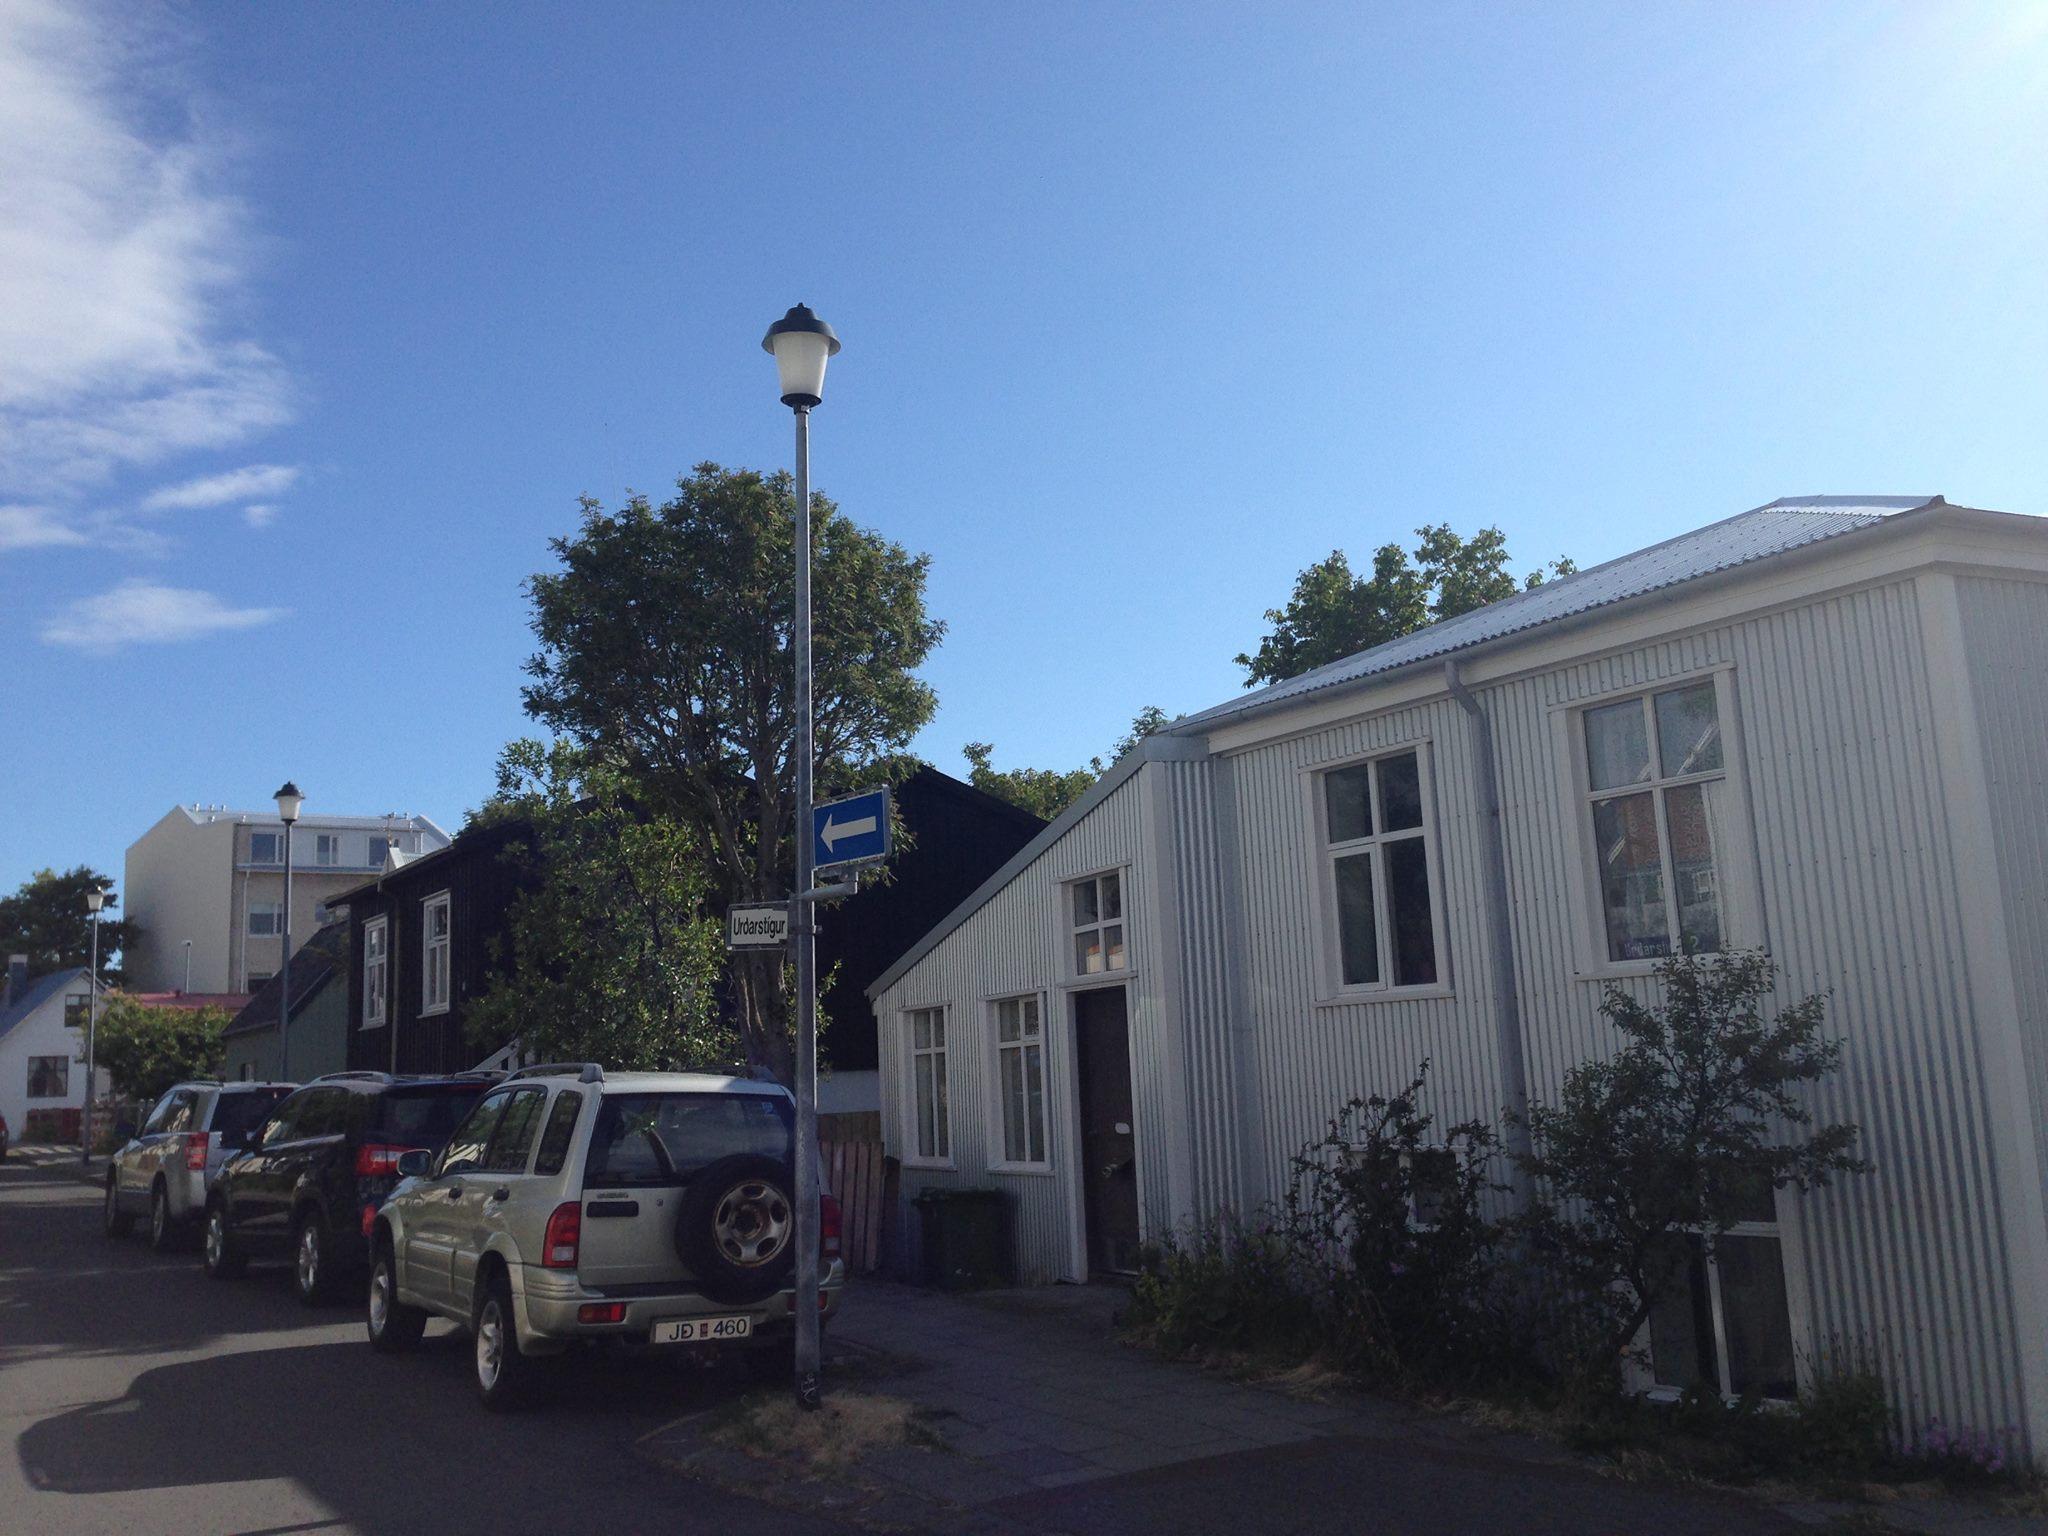 Þingholt